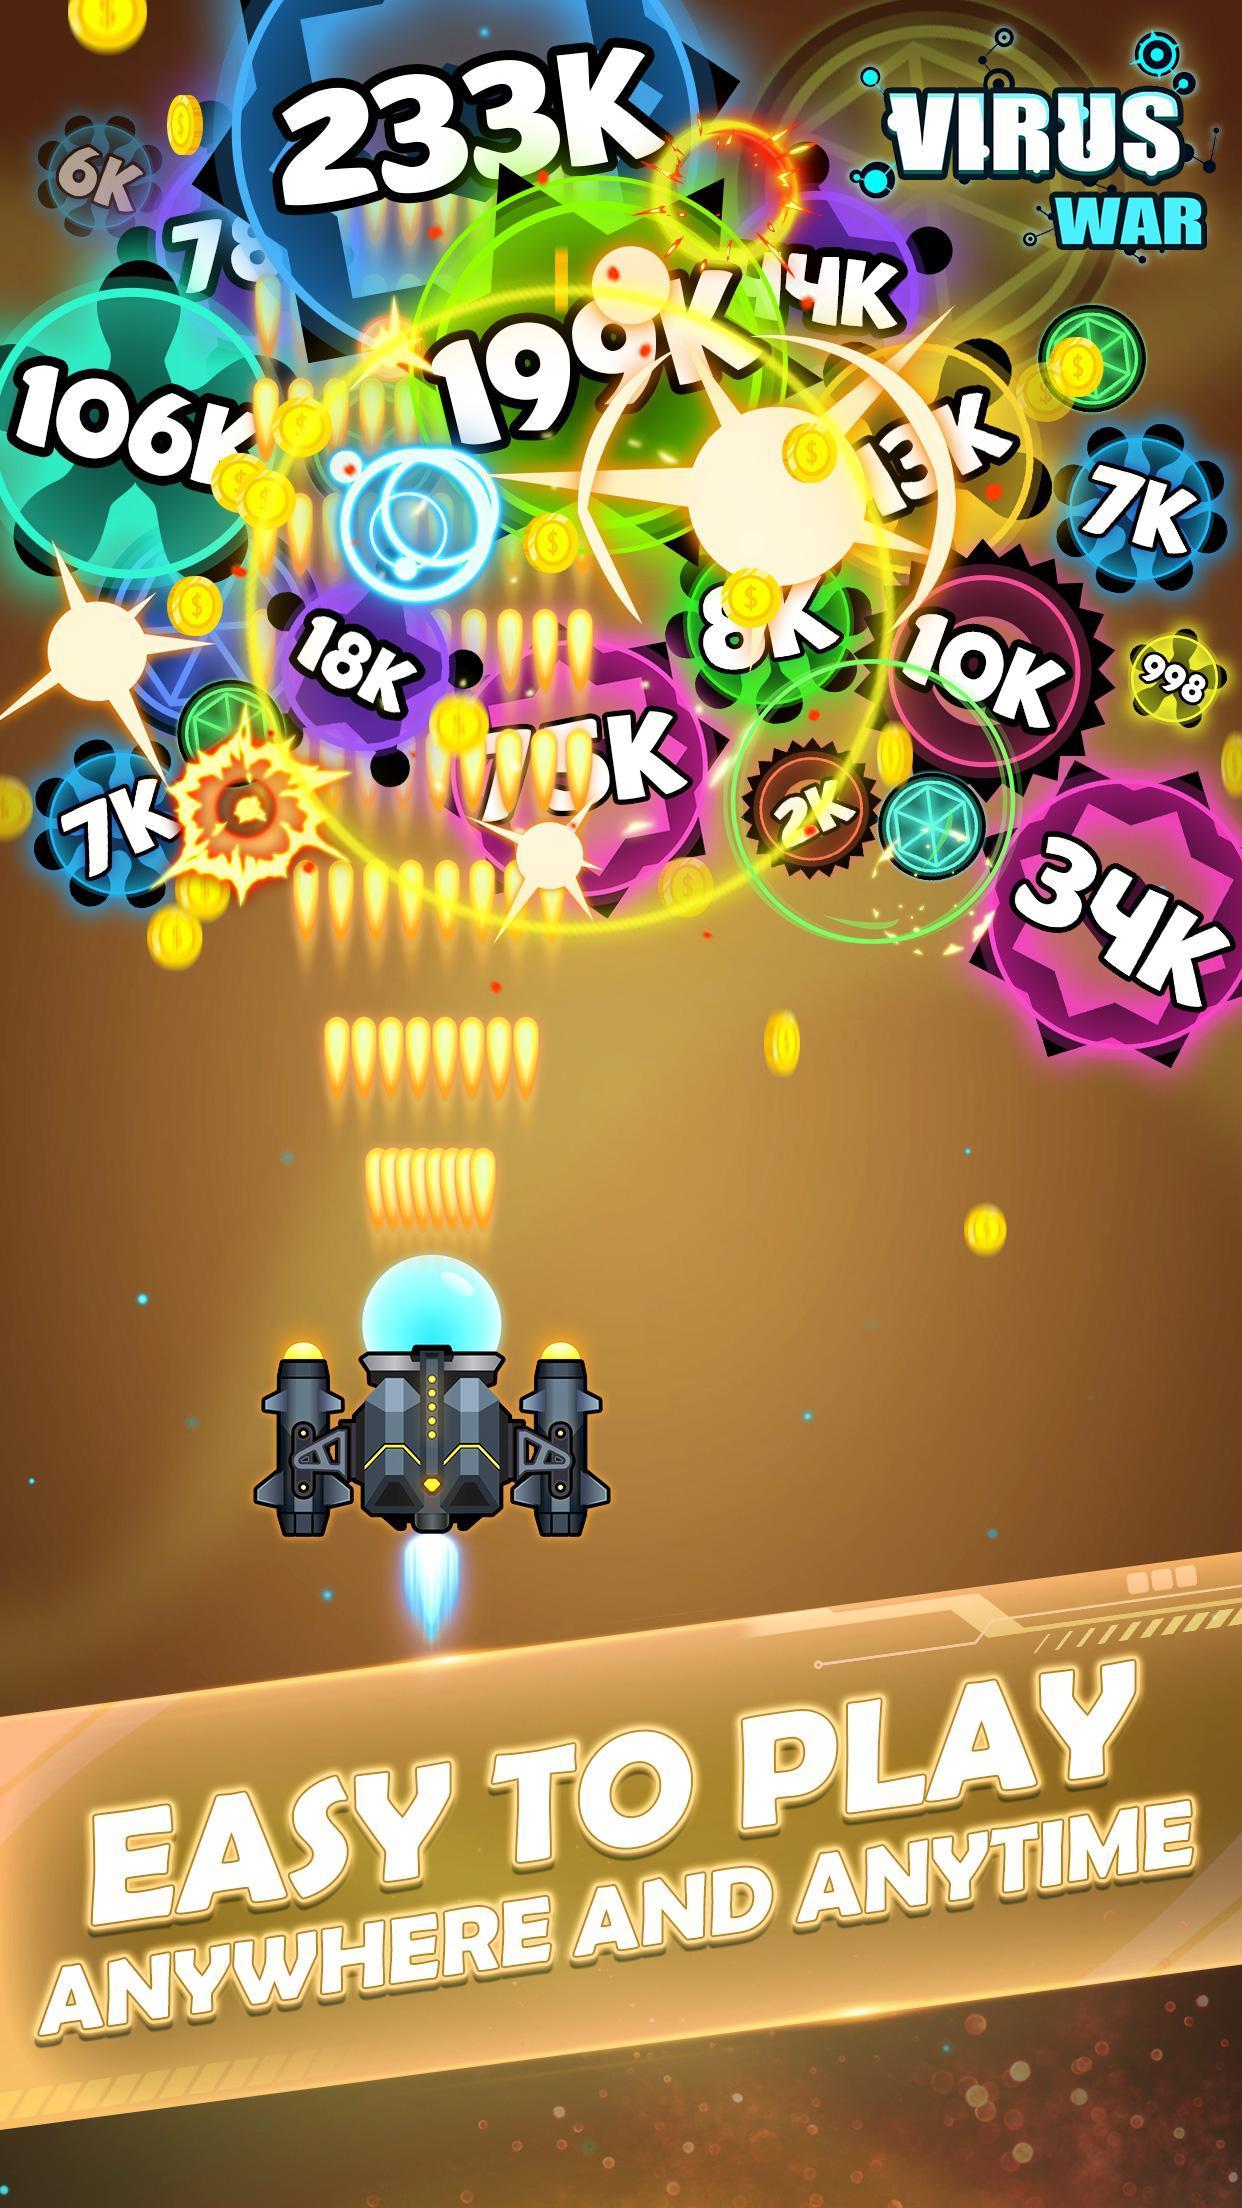 Virus War Space Shooting Game 1.7.9 Screenshot 3